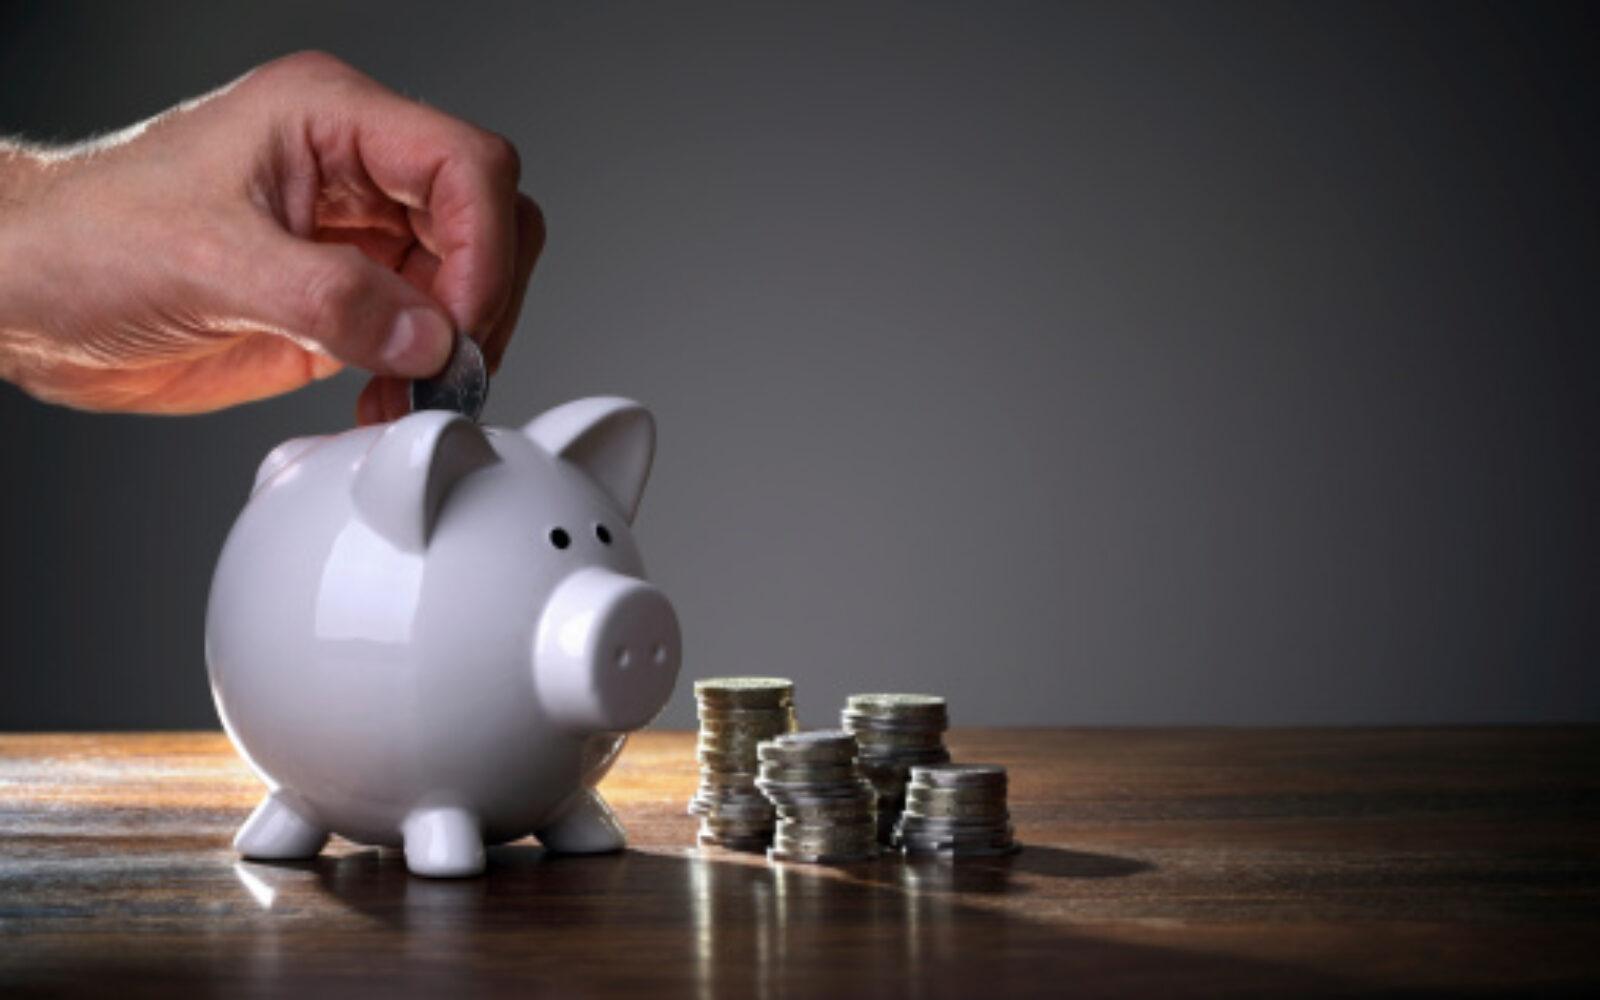 Kako uštedjeti novac za malo vremena